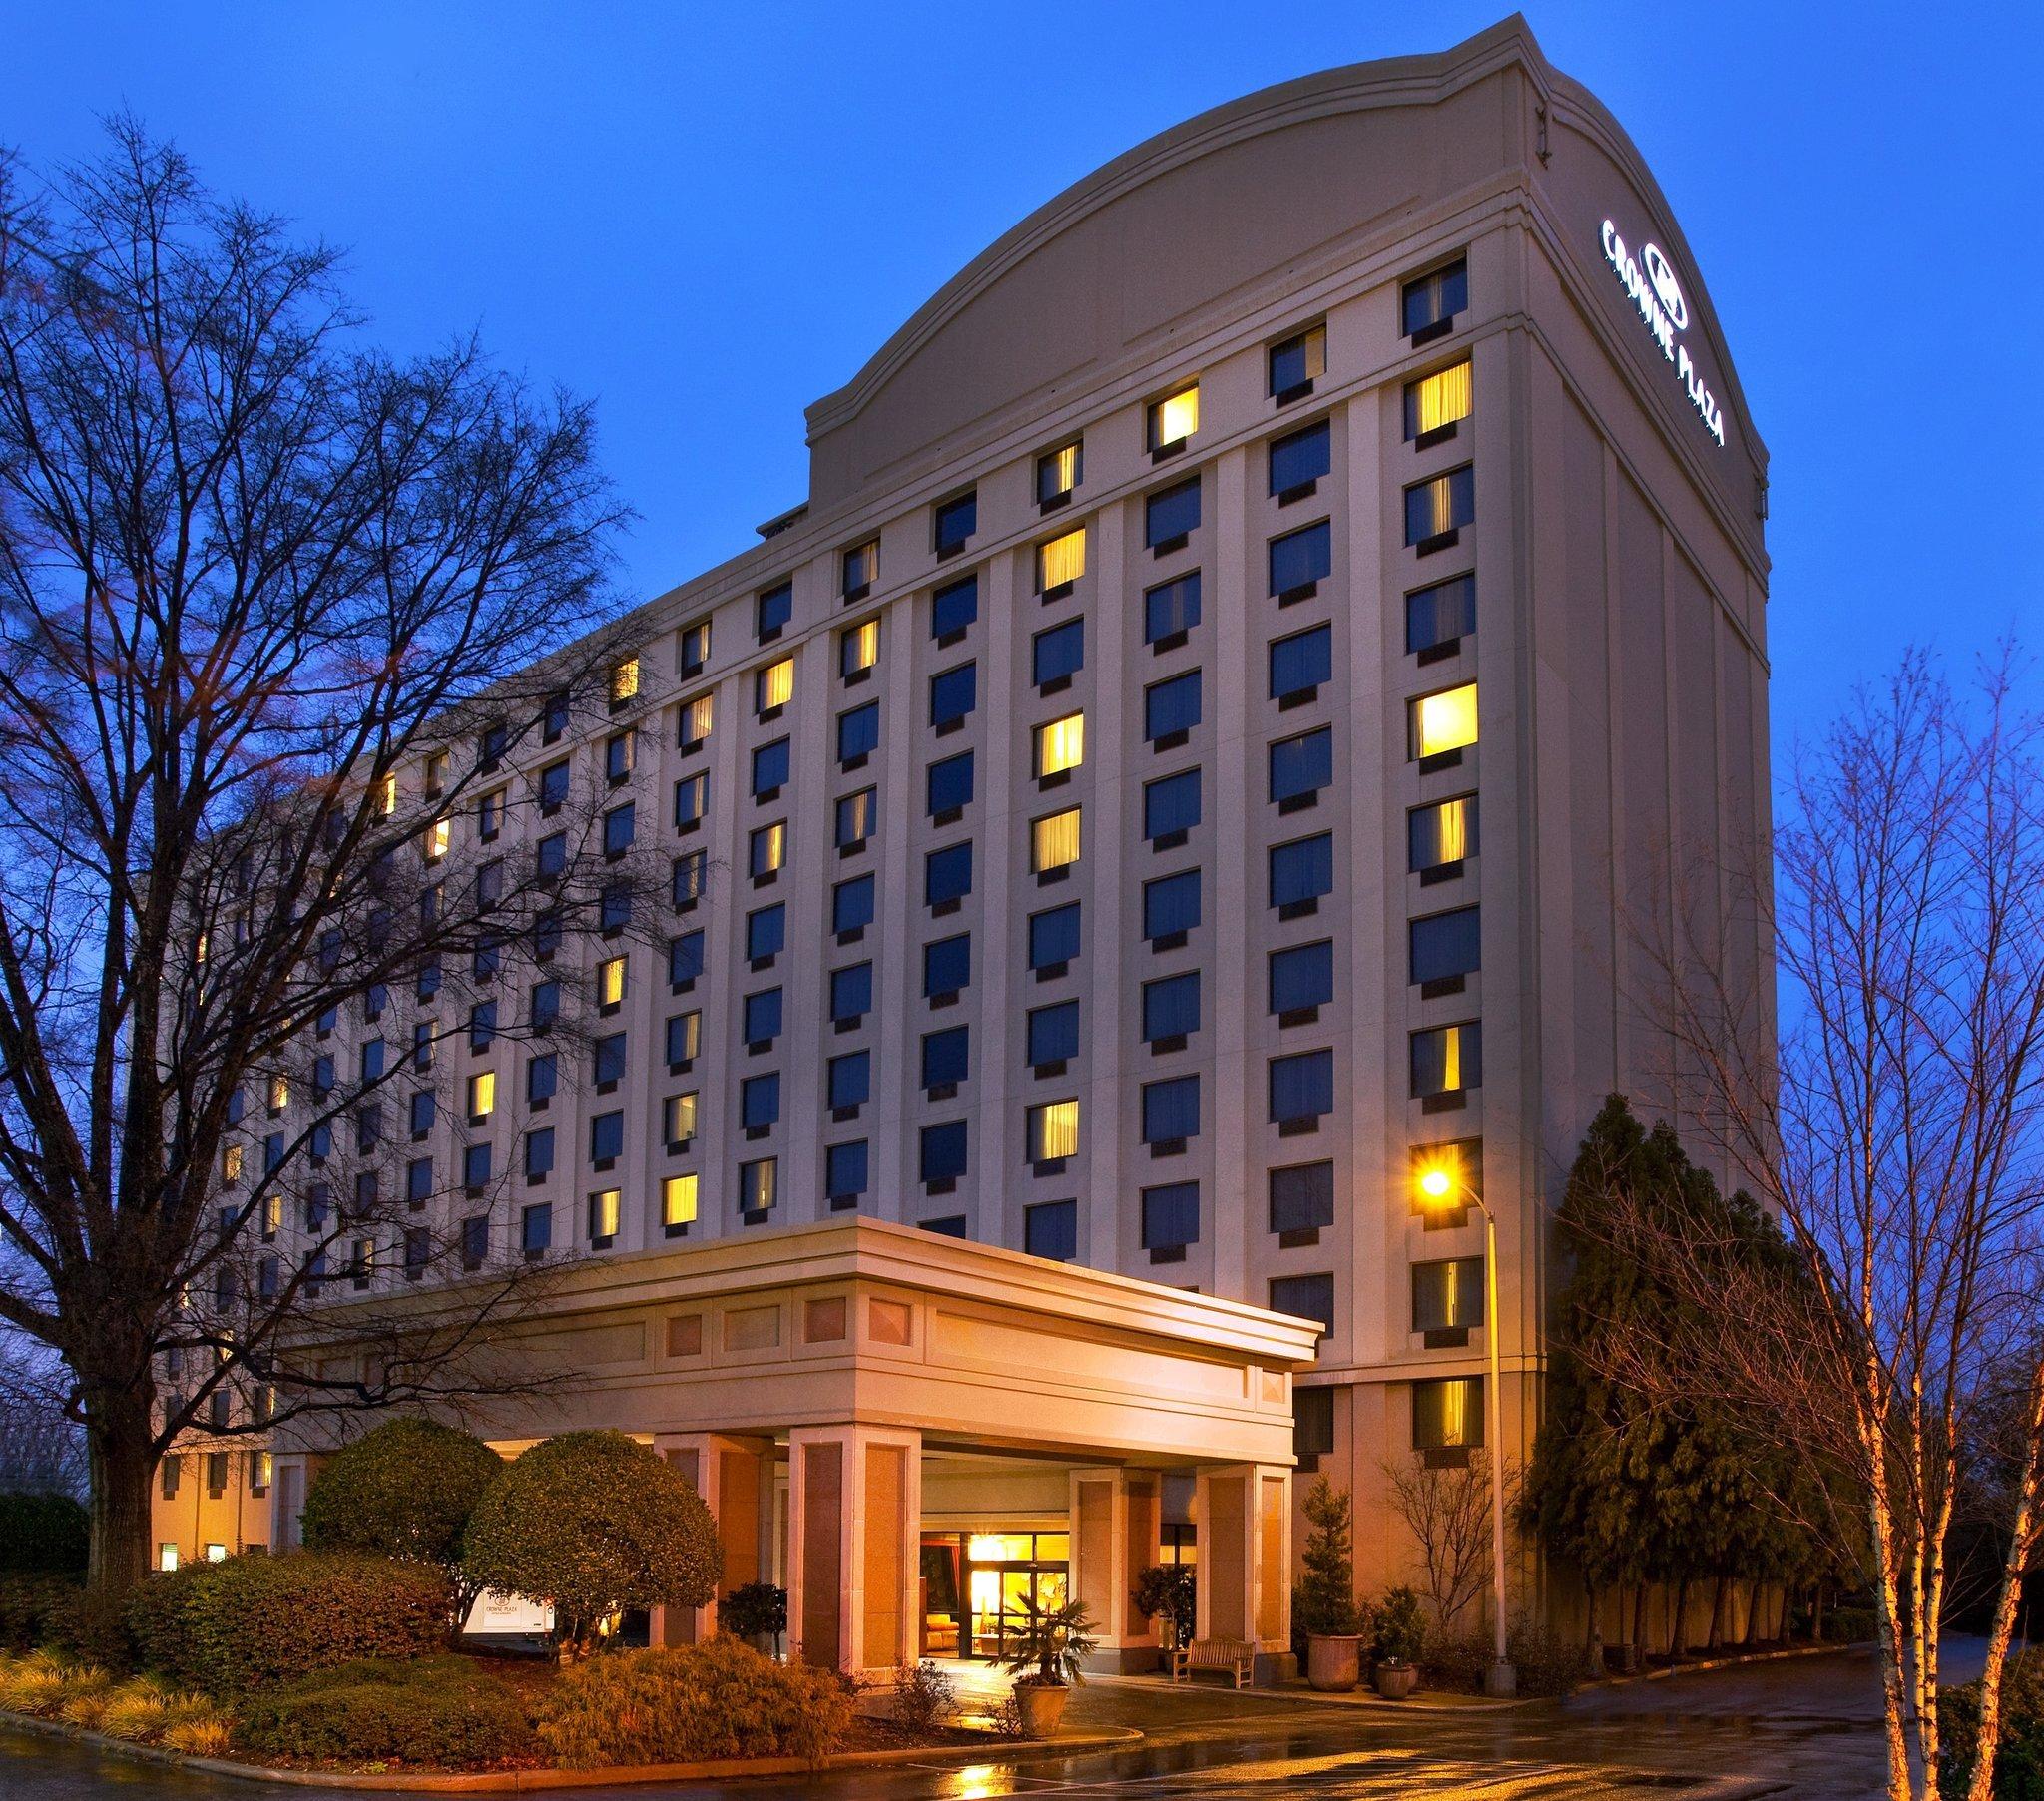 クラウンプラザ ホテル アトランタ エアポート